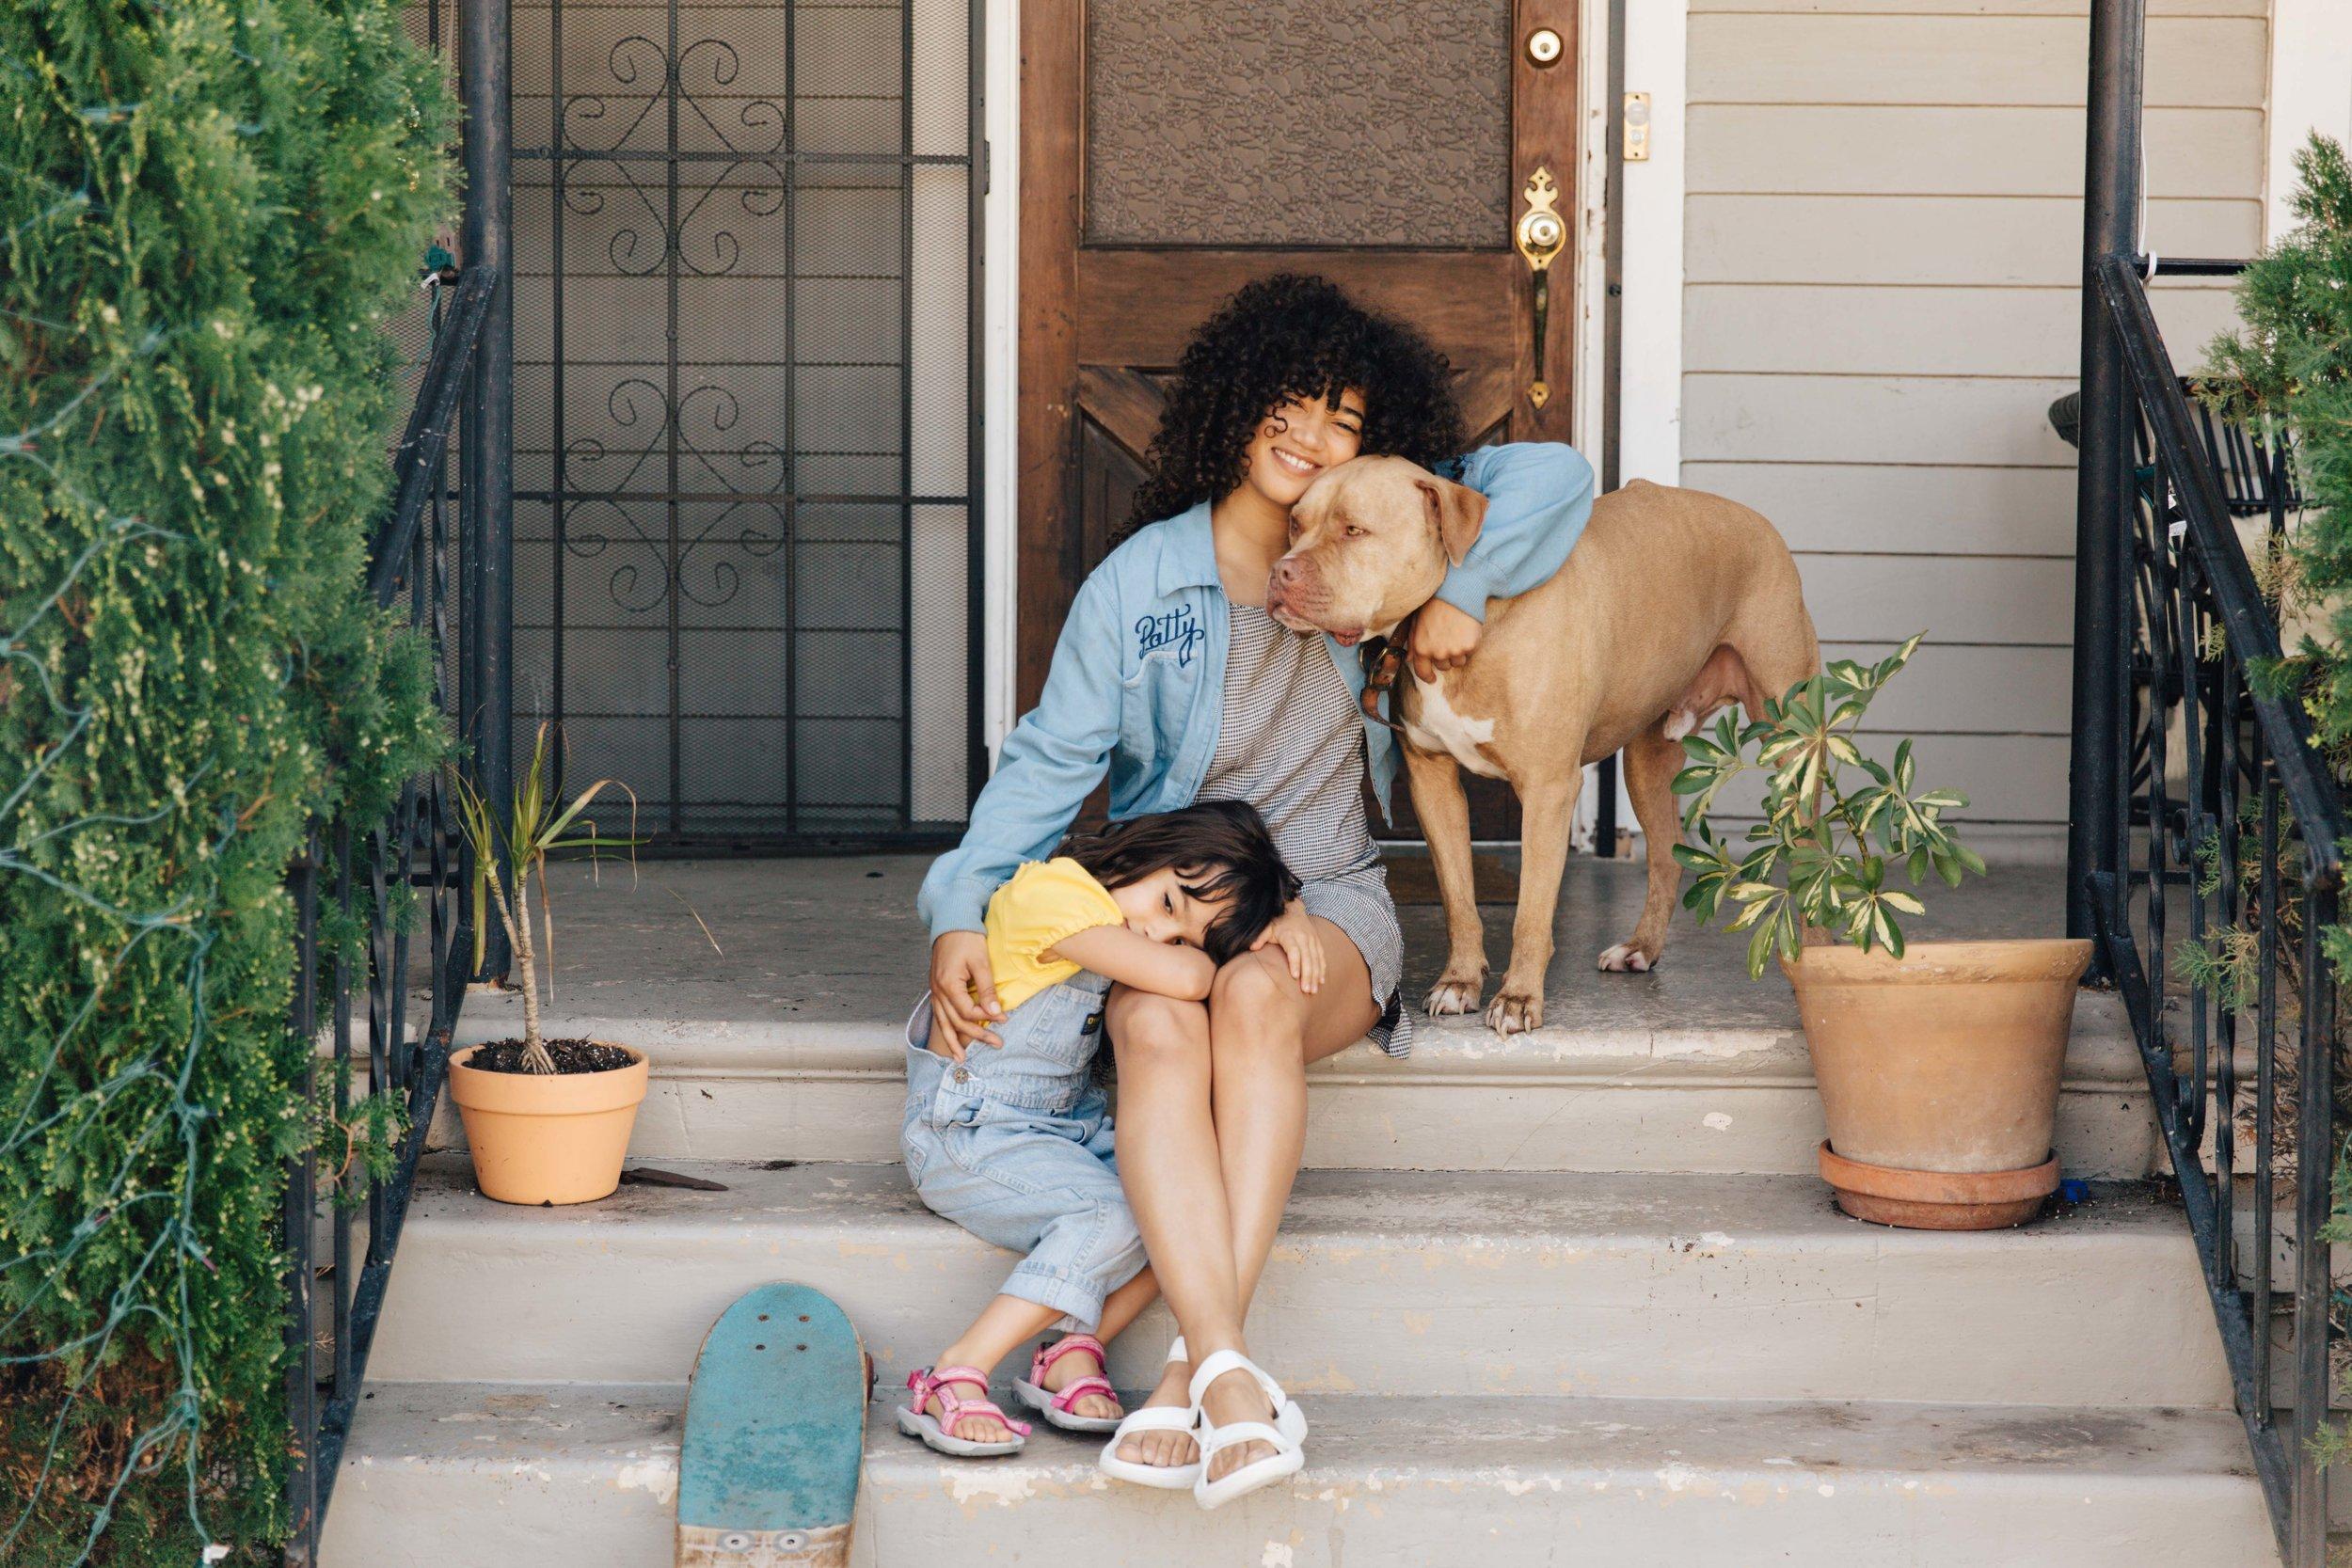 Grant-Puckett-Teva-Mothers-Day.jpg